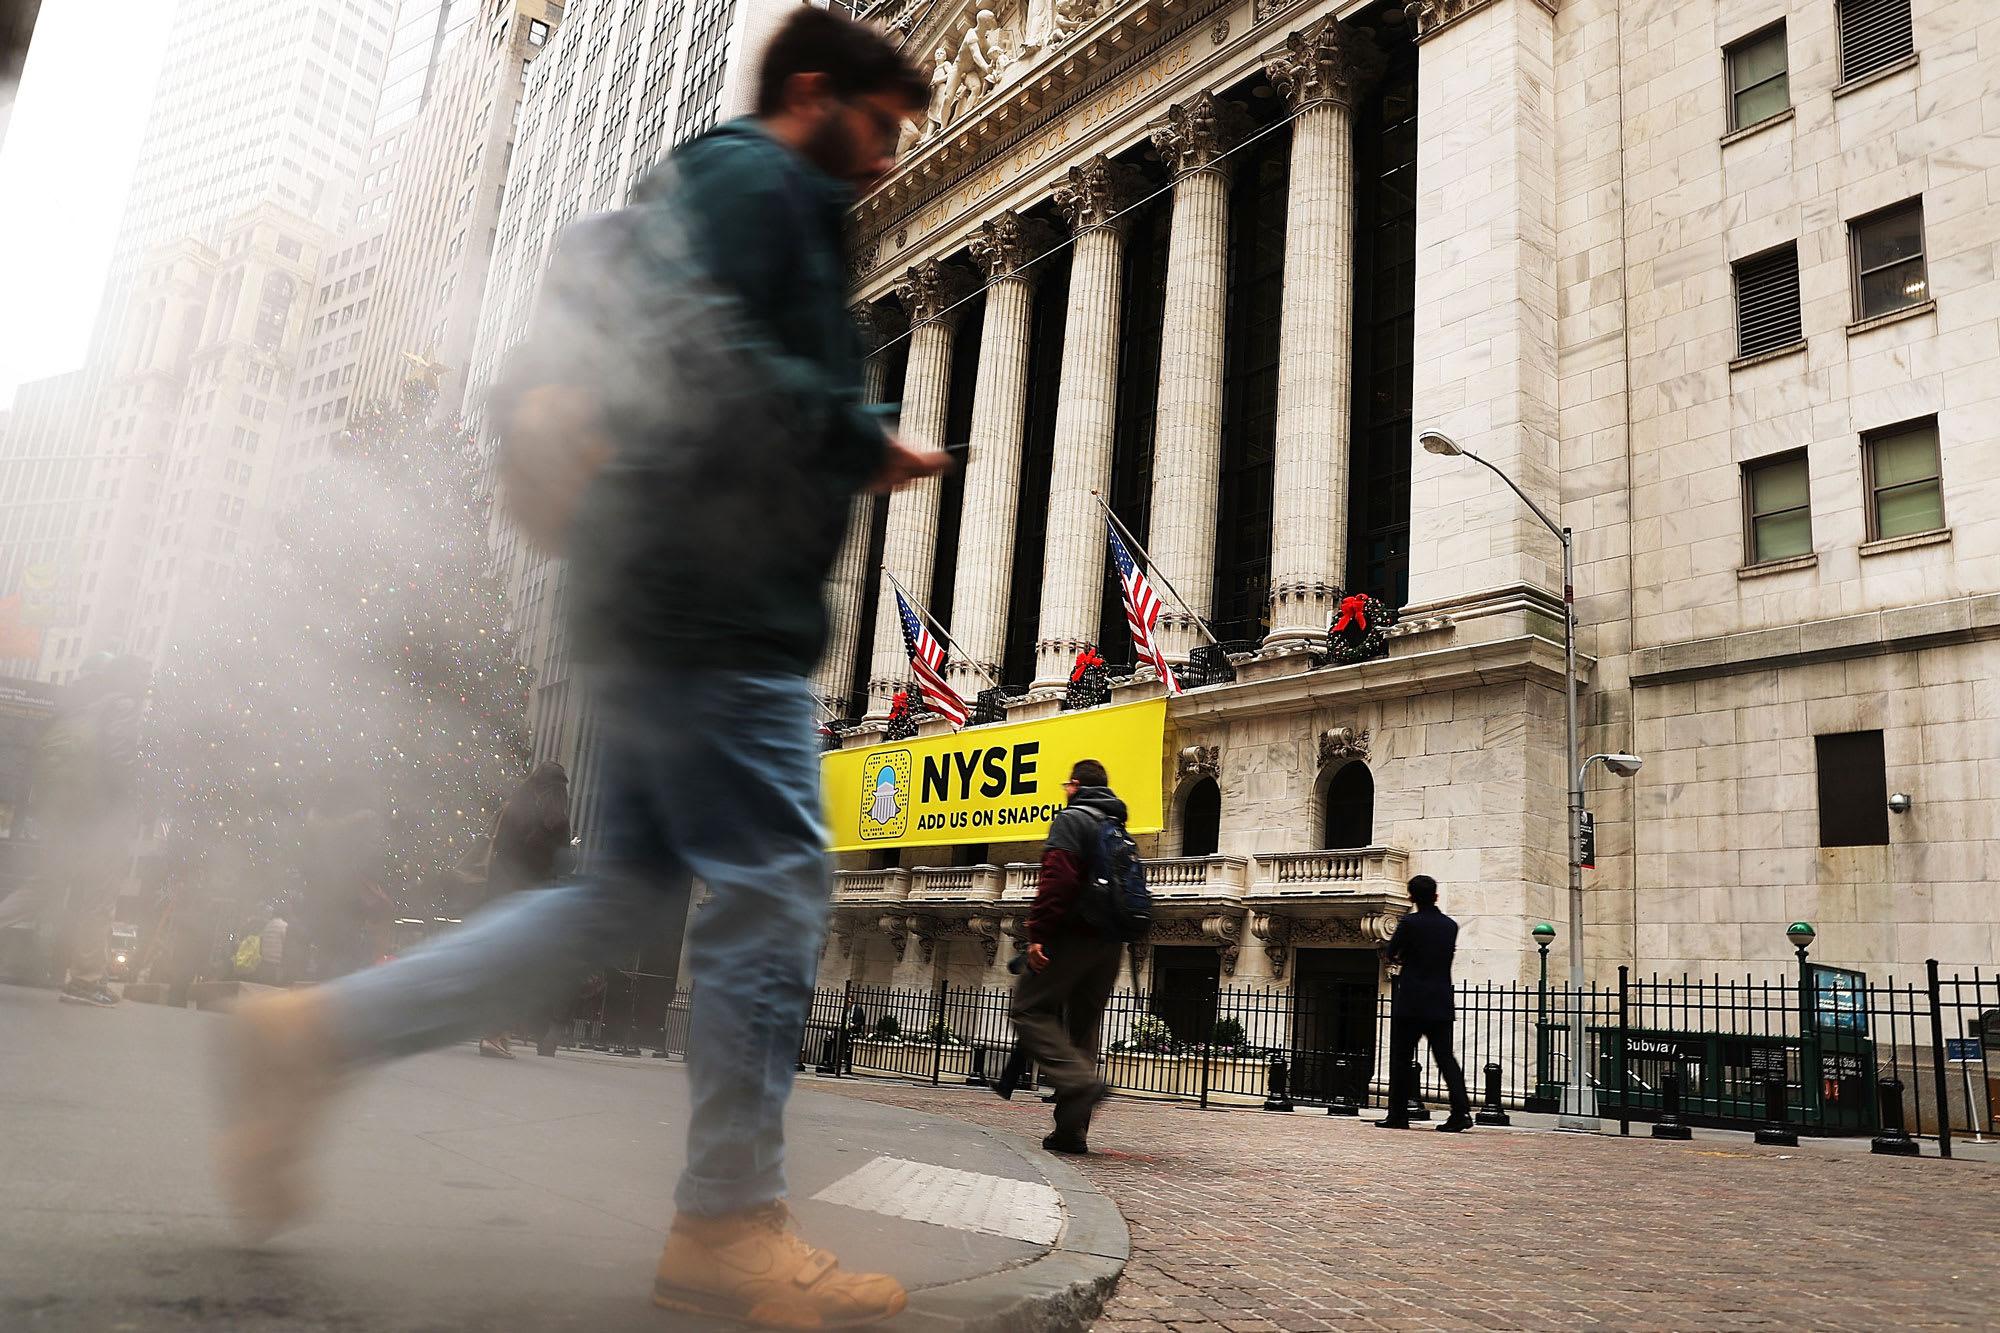 Chứng khoán Mỹ hụt hơi khi nền kinh tế không phục hồi như kì vọng - Ảnh 1.